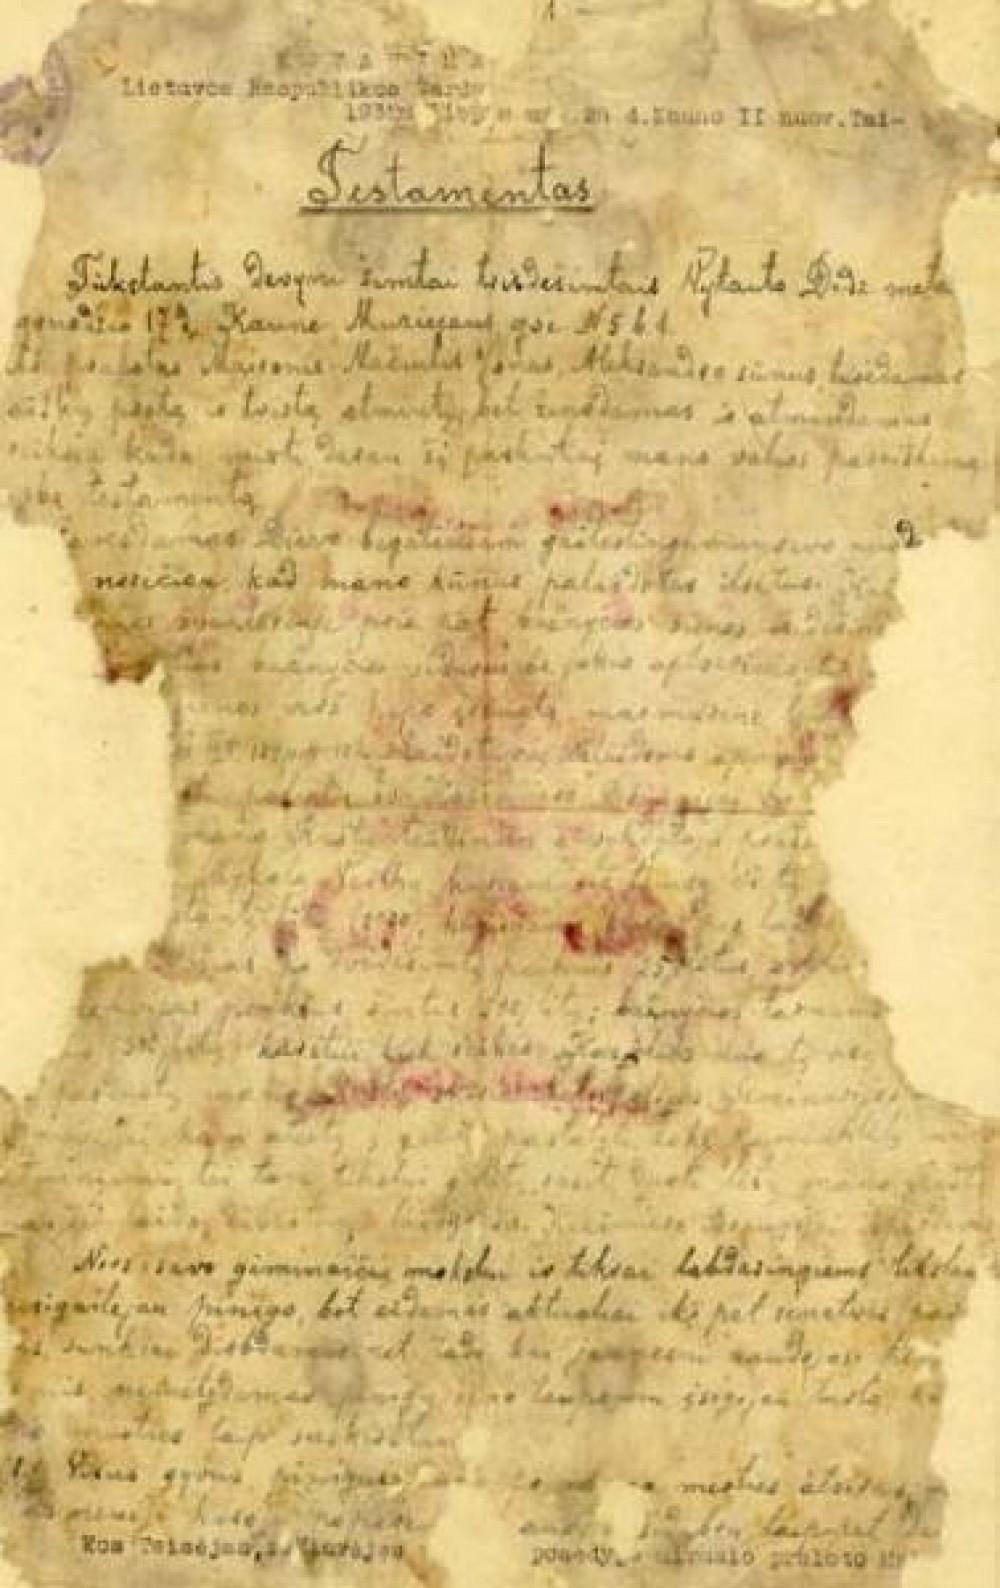 Maironio testamento fragmentas. Kaunas. 1930 m. gruodžio 17 d.